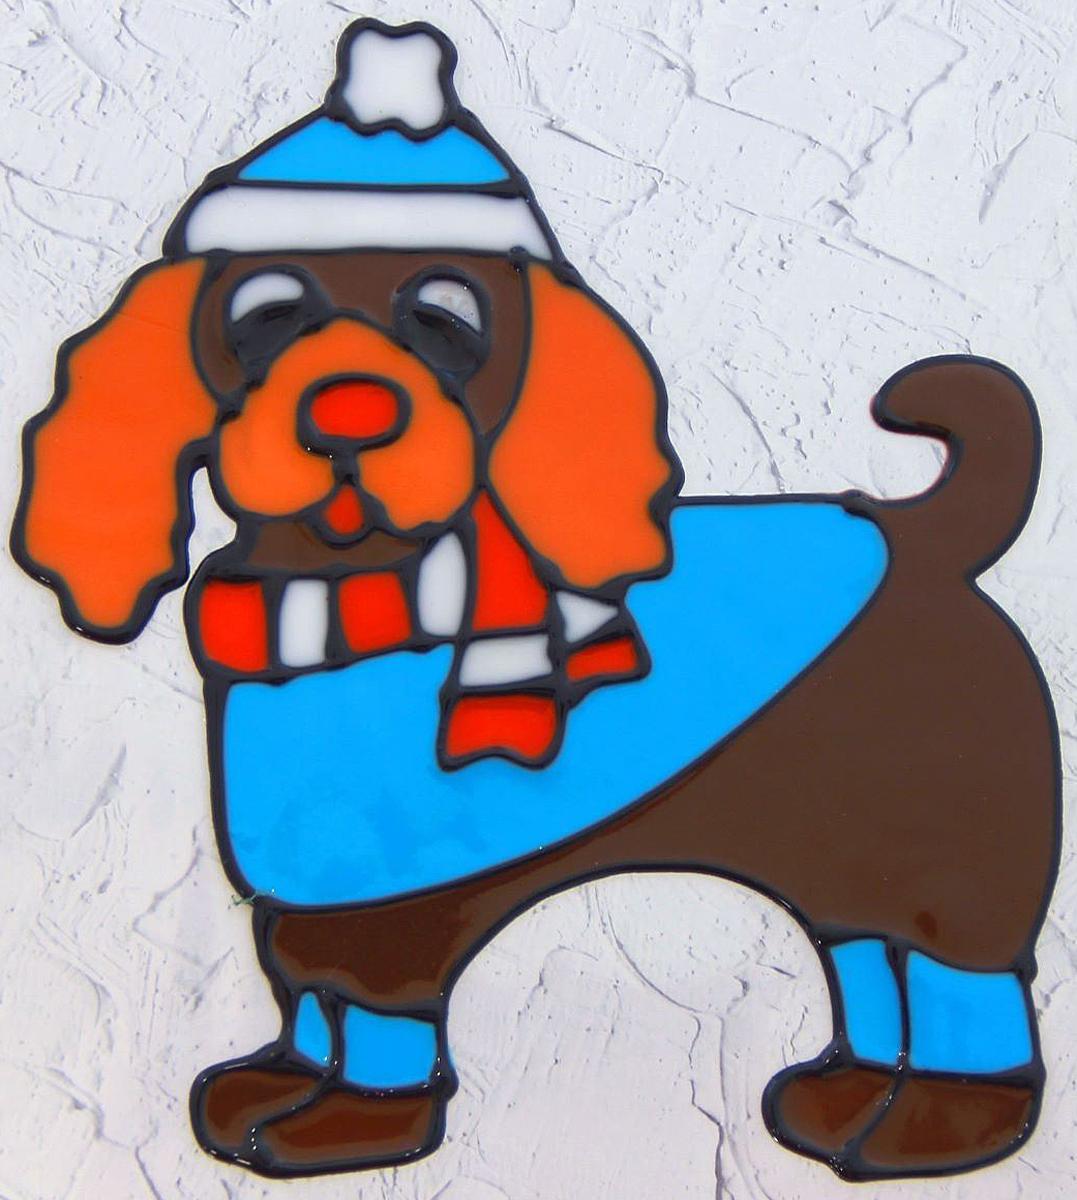 Украшение новогоднее оконное Собачка в шапке, 14,5 х 13 см2377873Новогоднее оконное украшение Собачка в шапке поможет украсить дом кпредстоящим праздникам. Яркая наклейка крепится к гладкой поверхности стекла посредством статического эффекта. С помощью такого украшения вы сможете оживить интерьер по своему вкусу.Новогодние украшения всегда несут в себе волшебство и красоту праздника. Создайте в своем доме атмосферу тепла, веселья и радости, украшая его всей семьей.